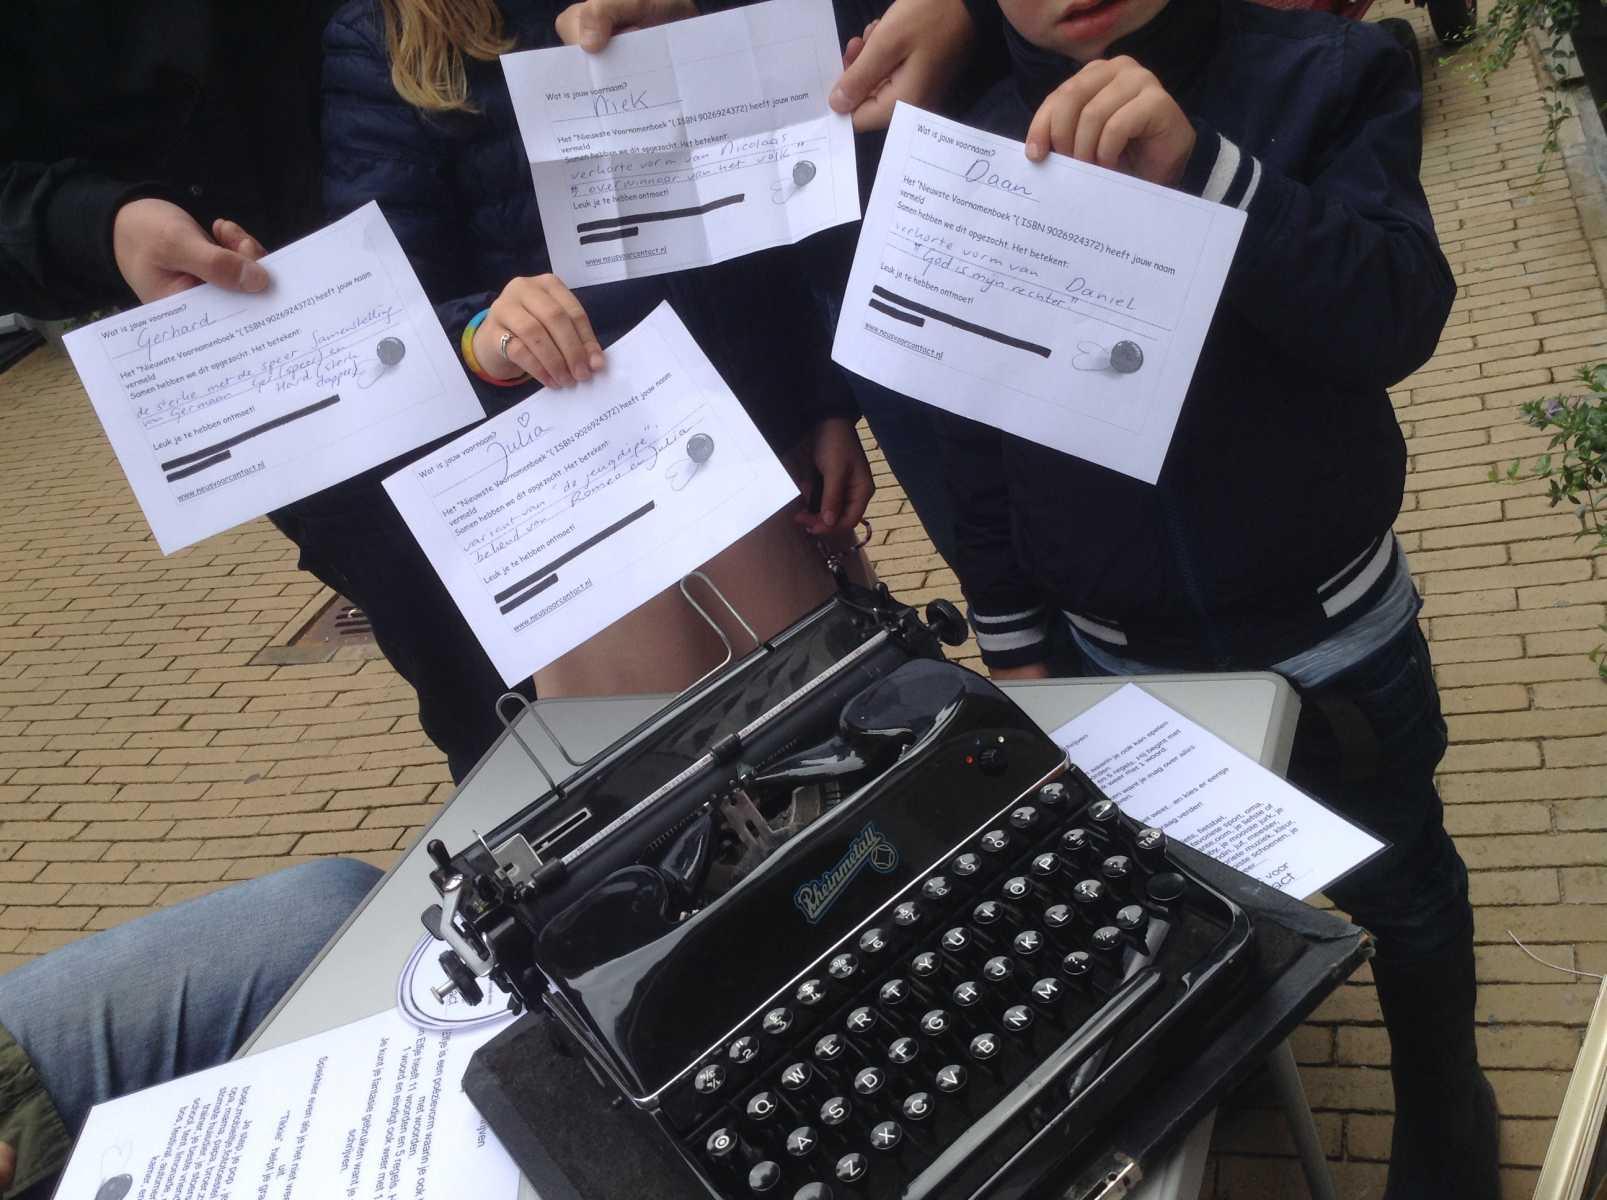 Tikkie maakt contact met taal en typemachine interactief op festivals